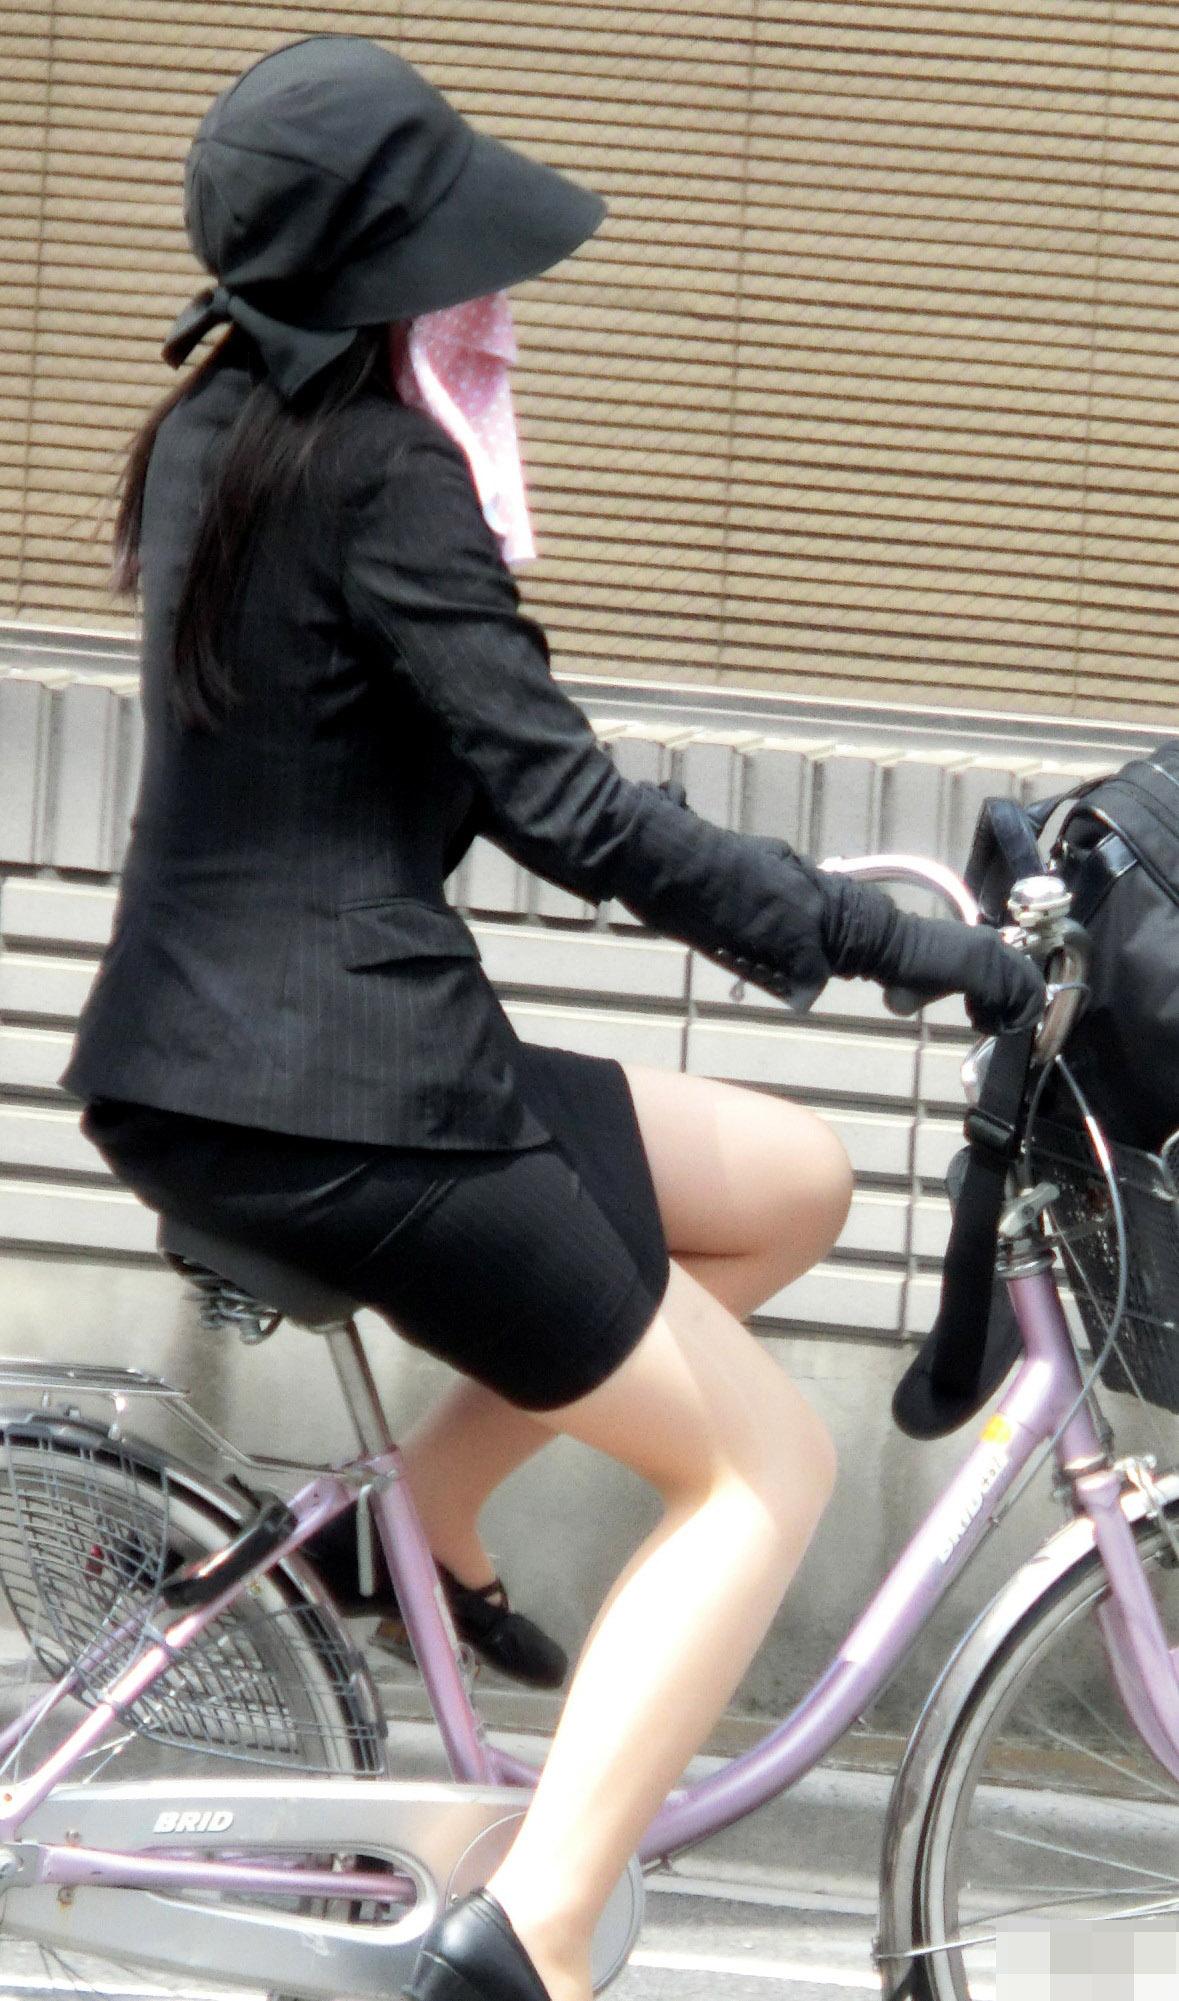 自転車巨尻OLタイトスカート街撮り盗撮エロ画像6枚目